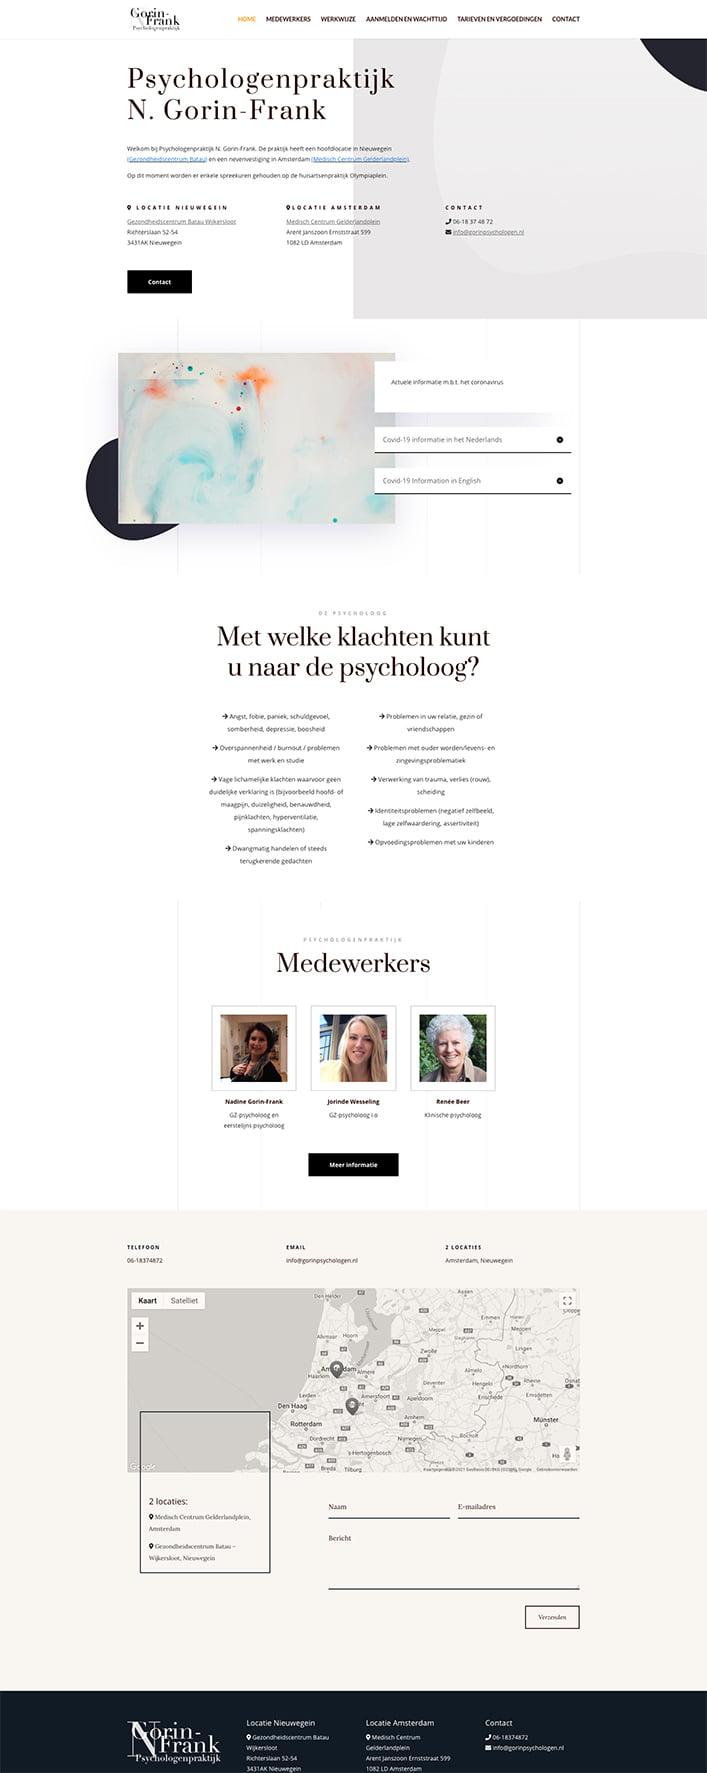 Gorin Psychologen